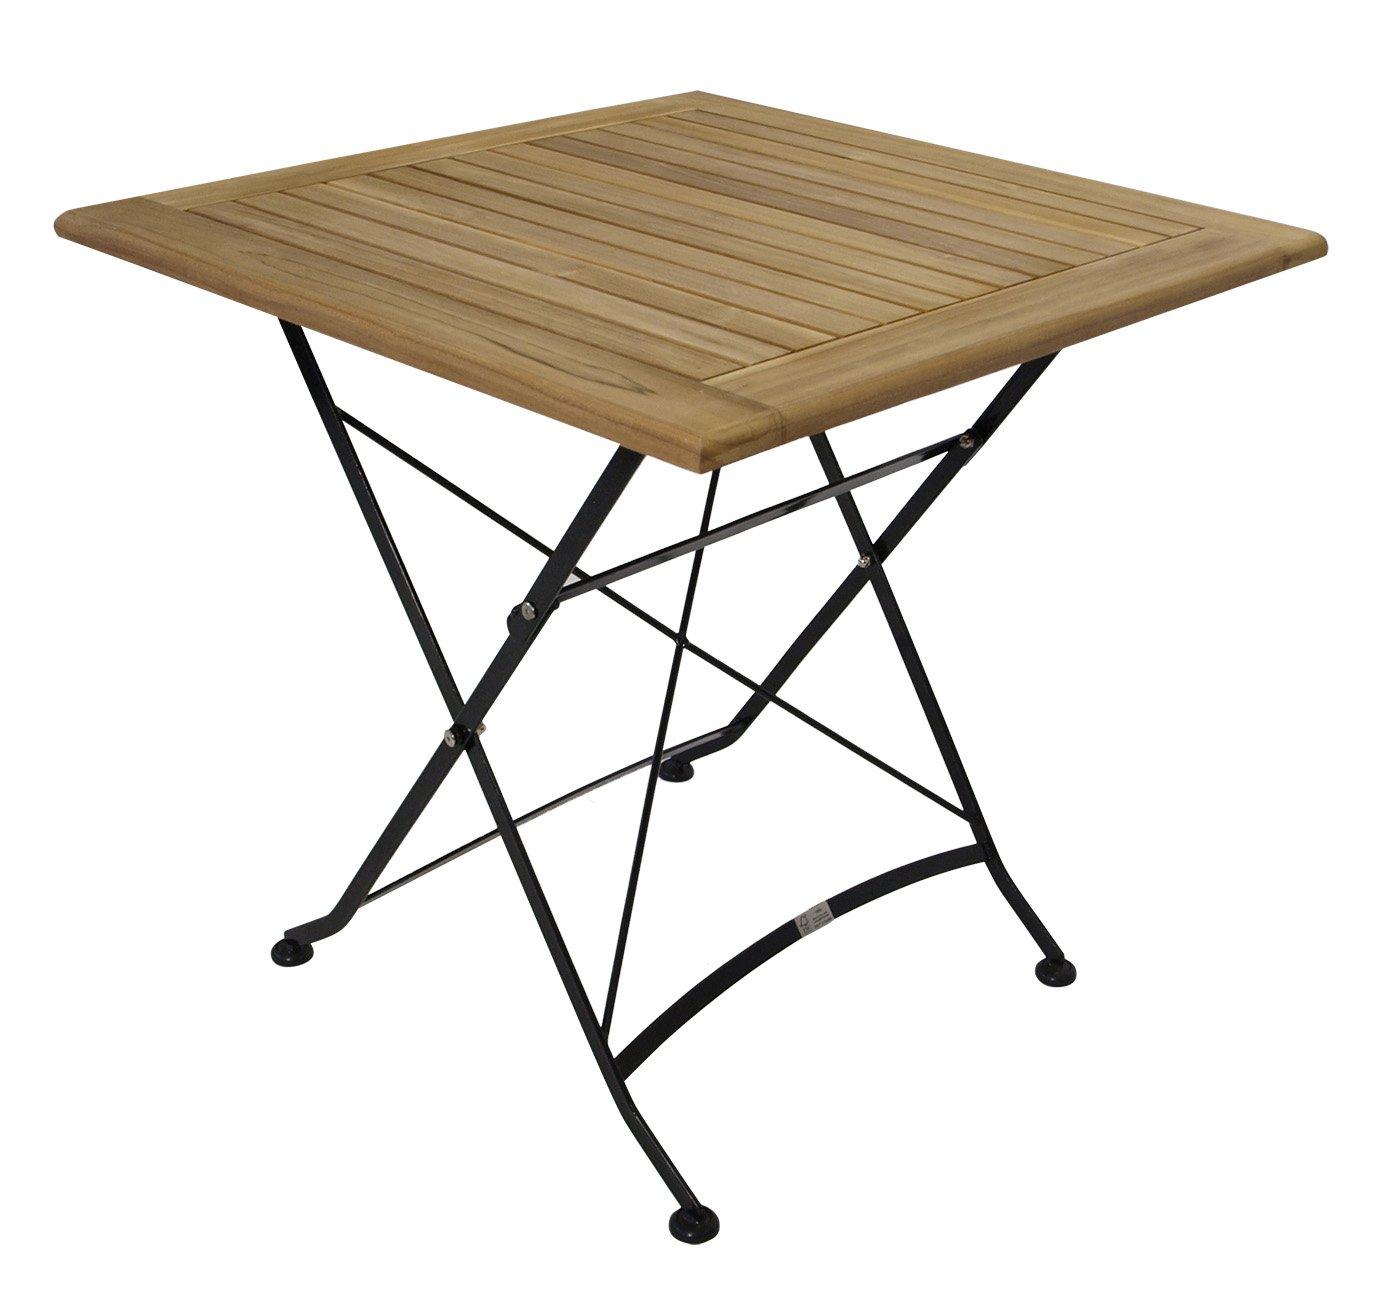 Klapptisch JAKARTA 75x75cm, Flachstahl schwarz + Teak Holz, FSC®-zertifiziert